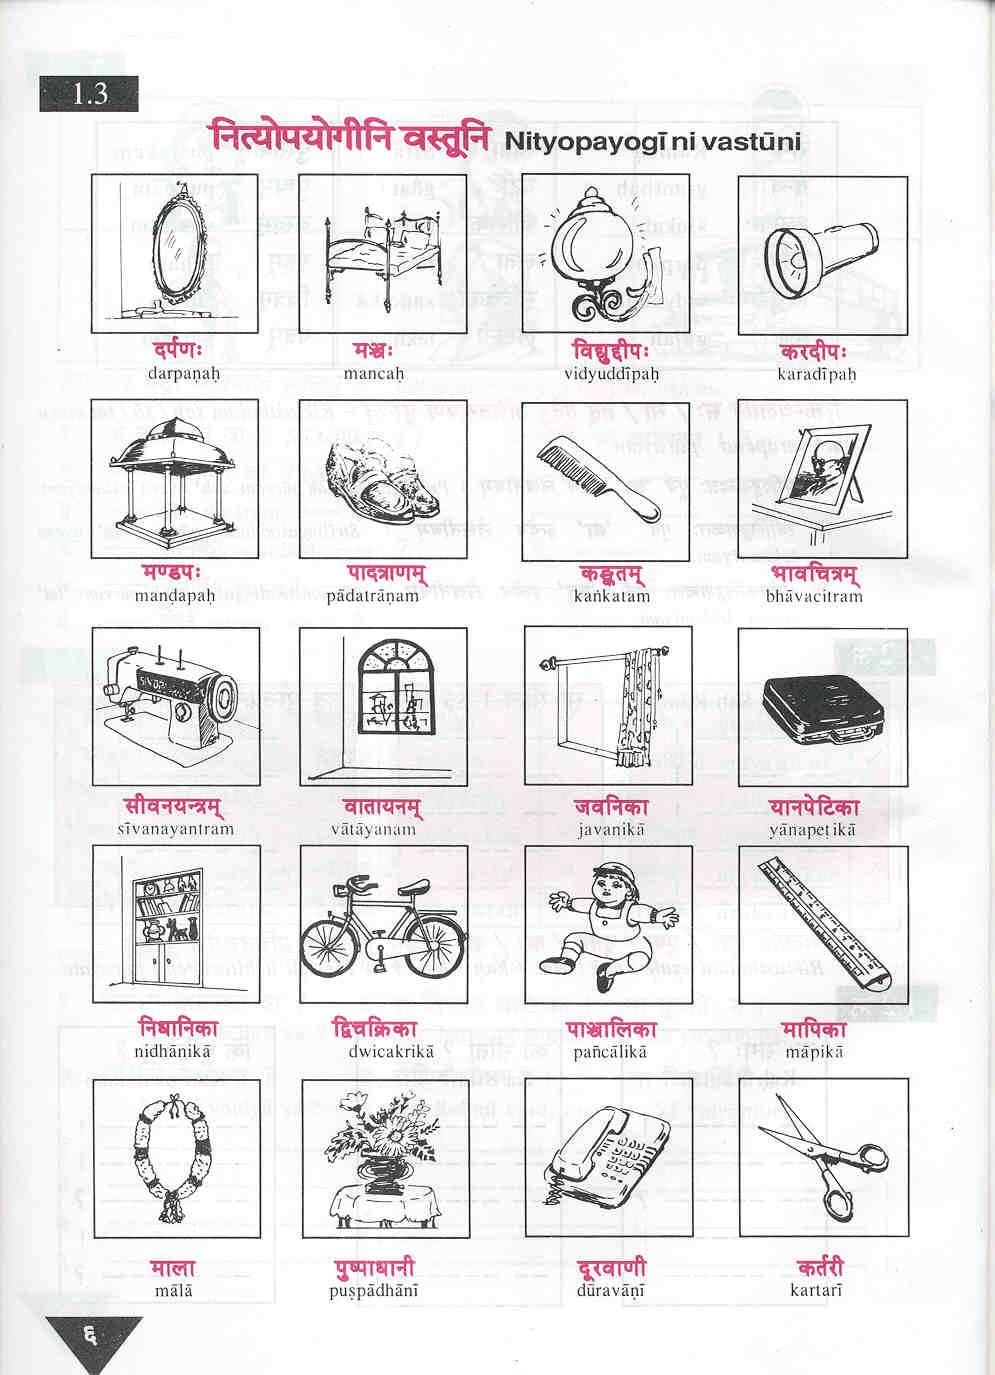 Hindi worksheet for class 1 matra 2415396 Worksheets